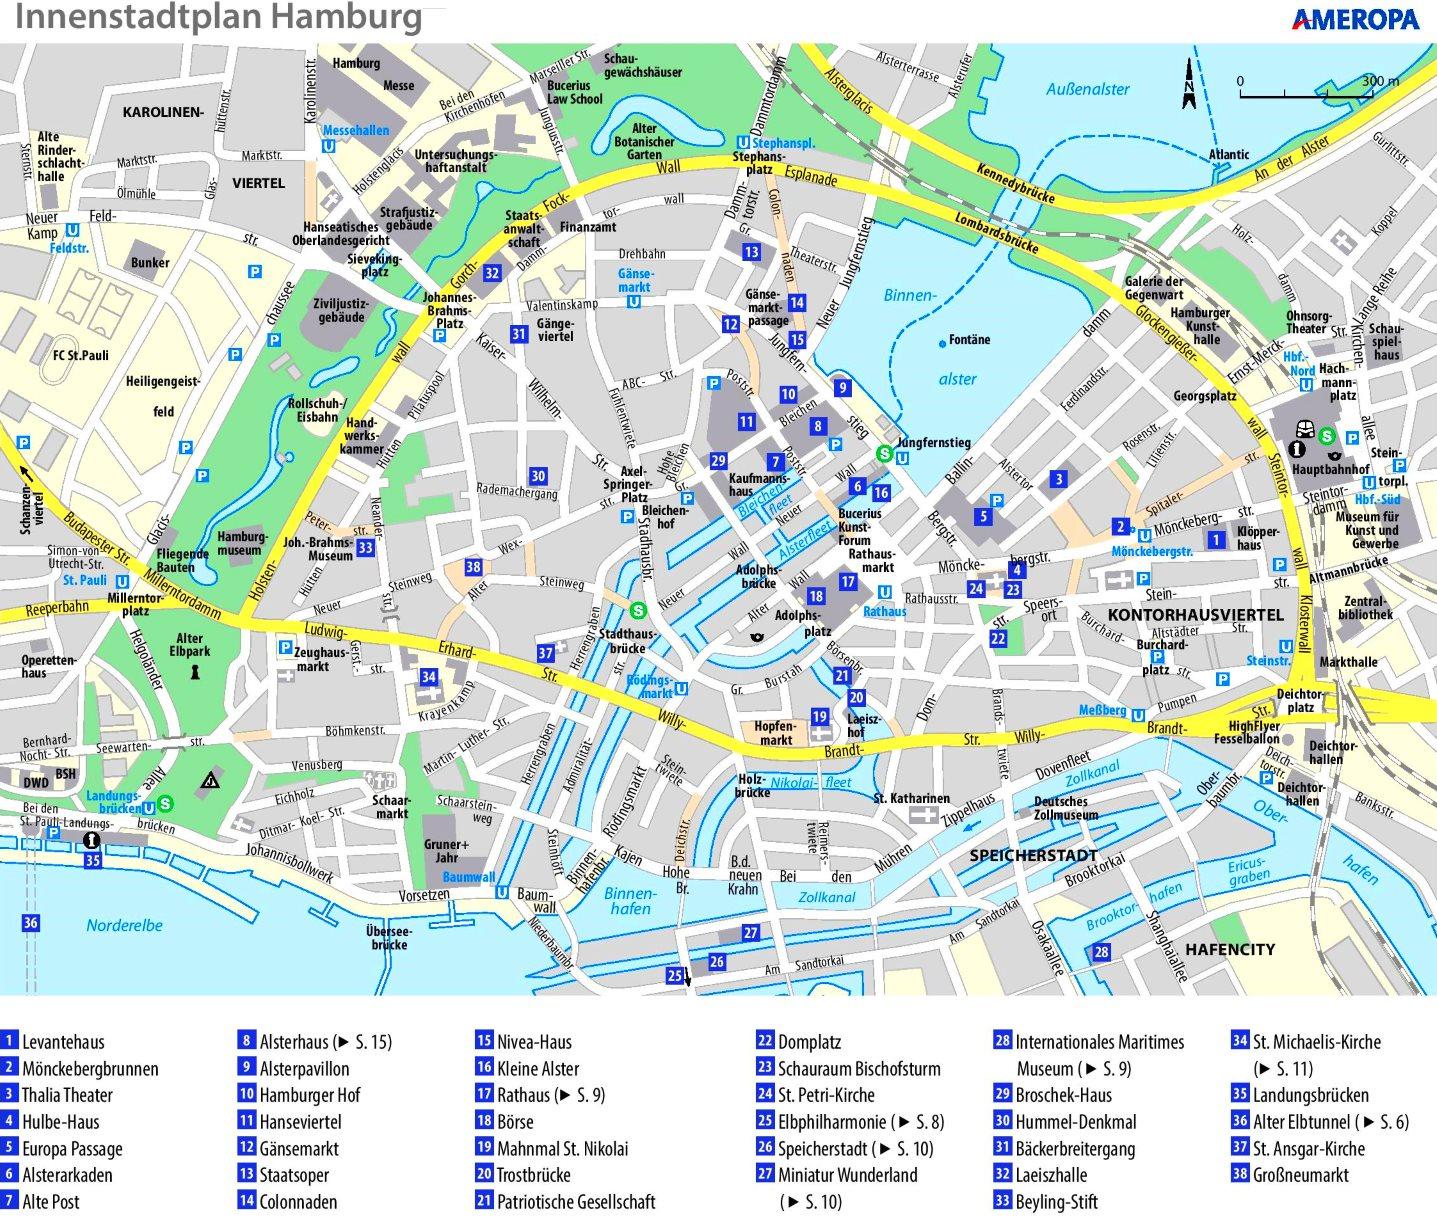 Stadtplan Hamburg Mit Sehenswurdigkeiten